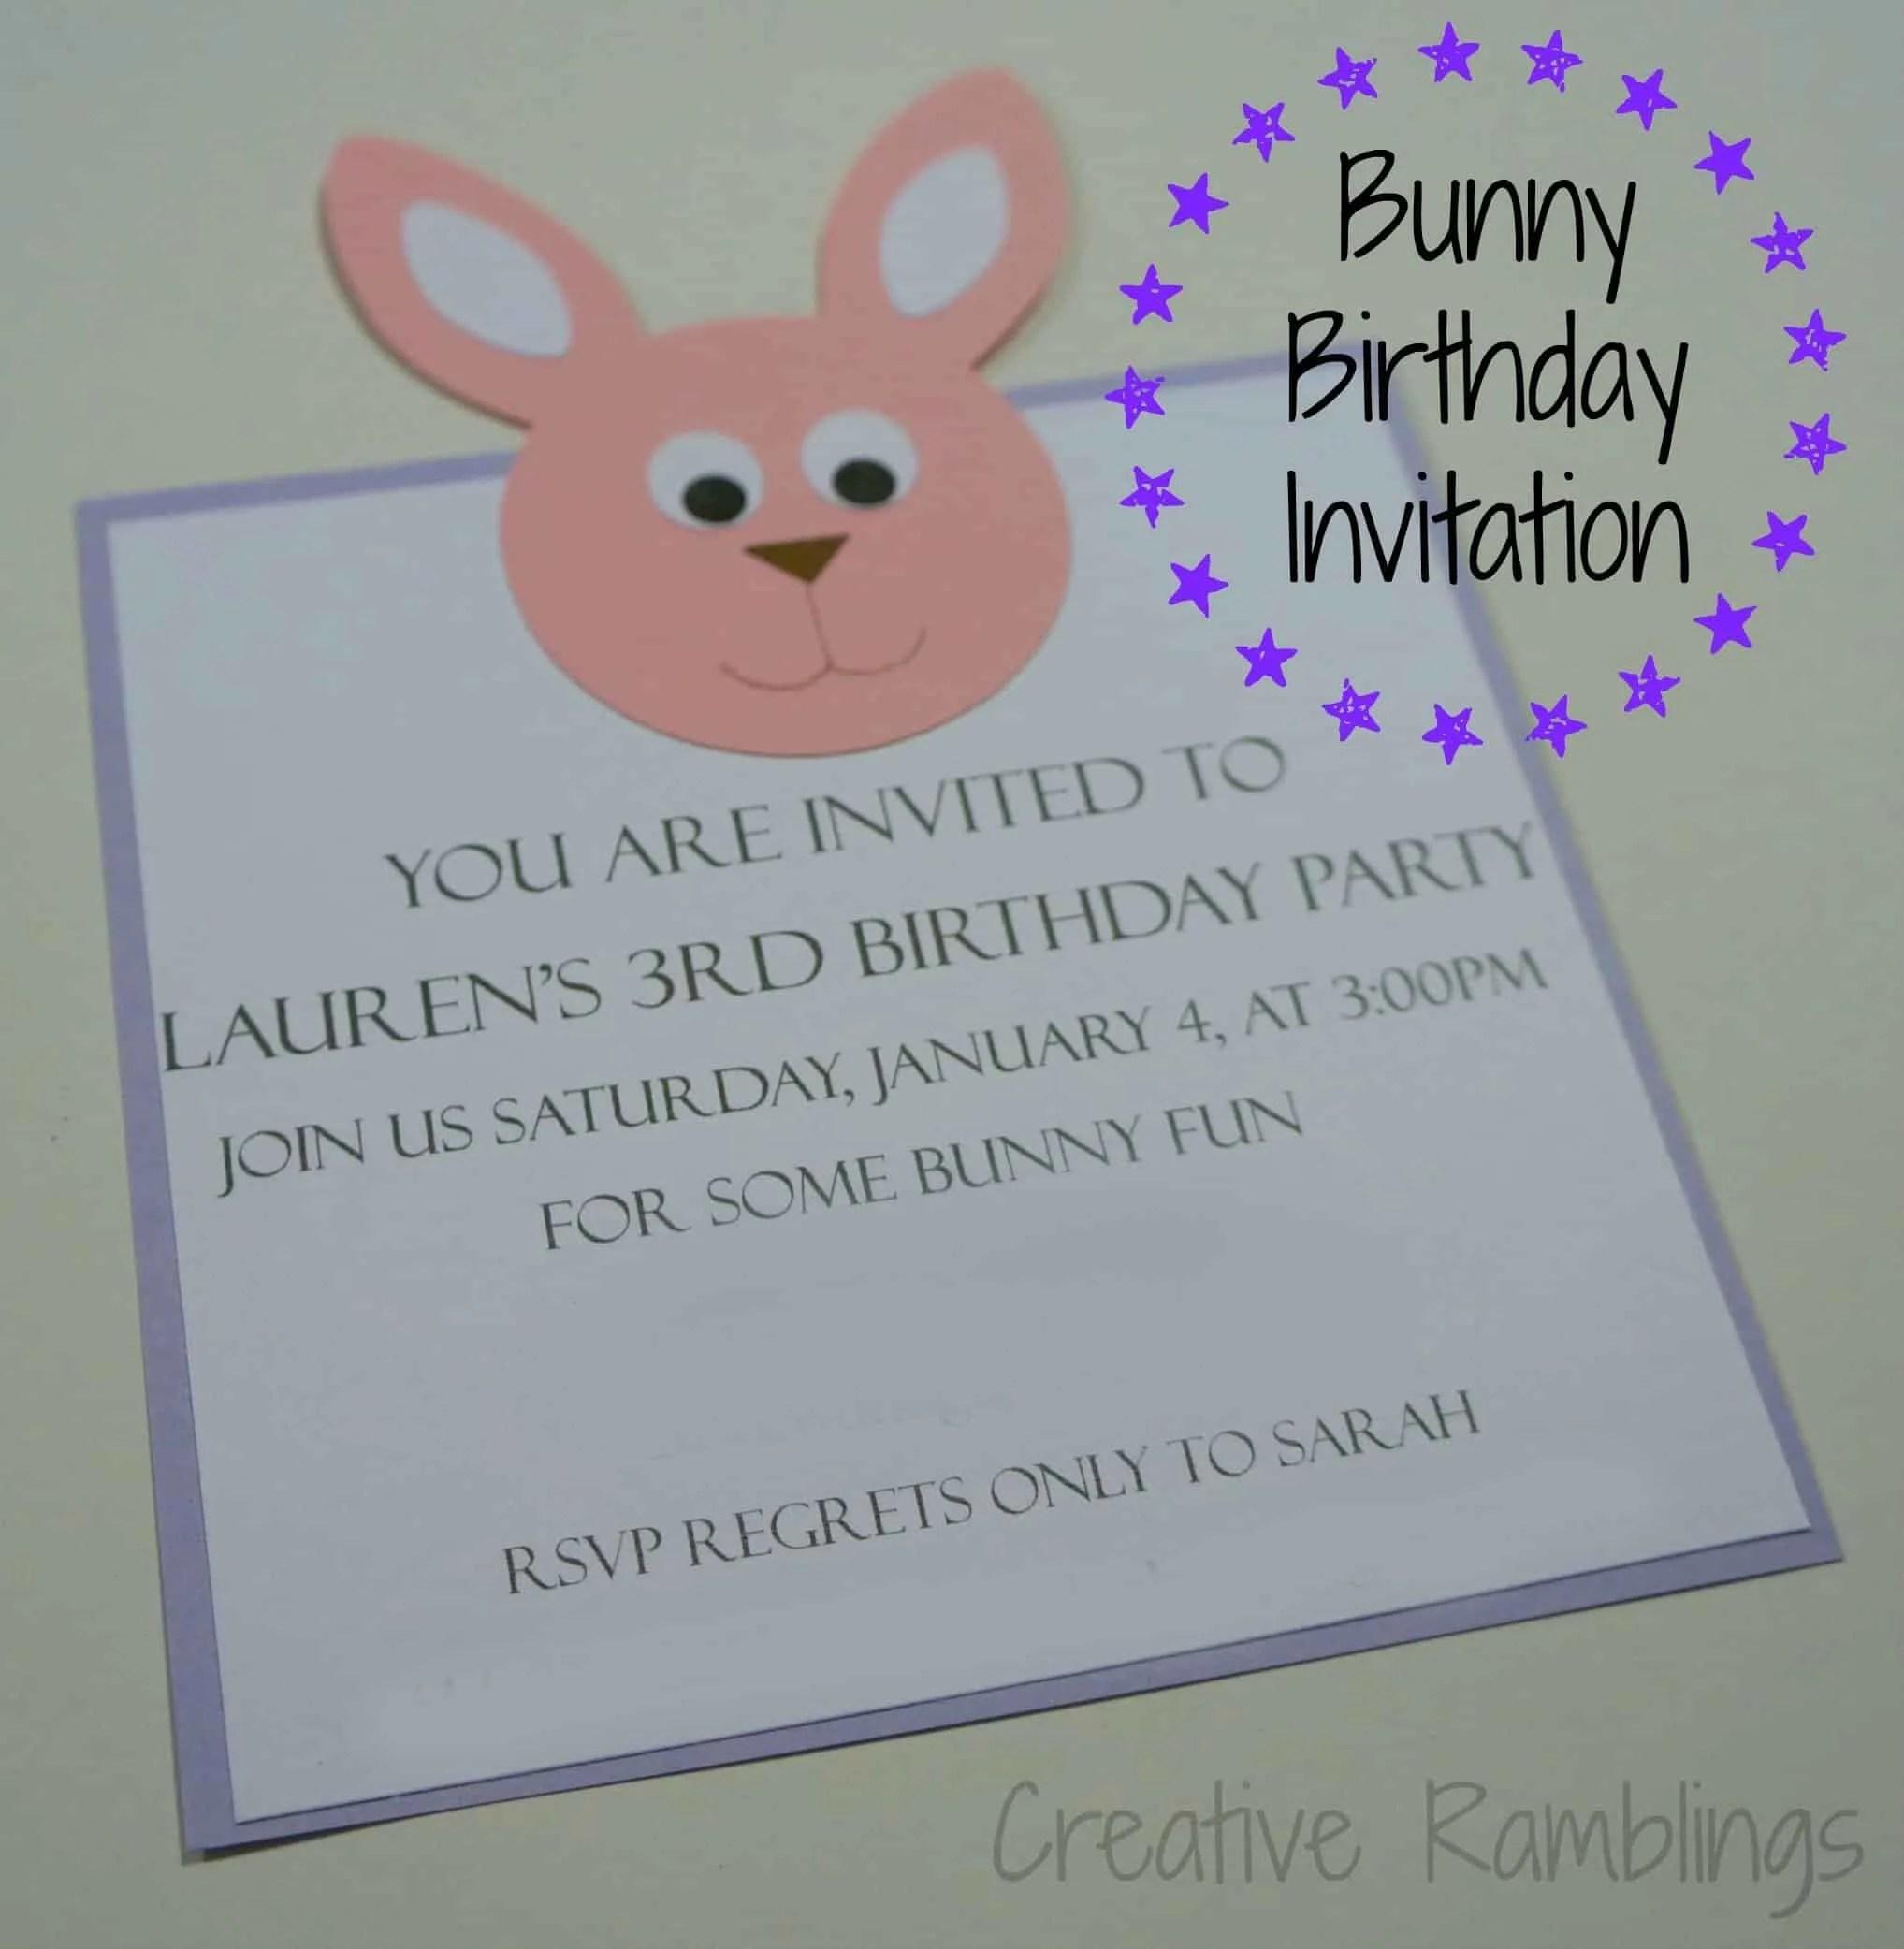 bunny birthday invitation creative